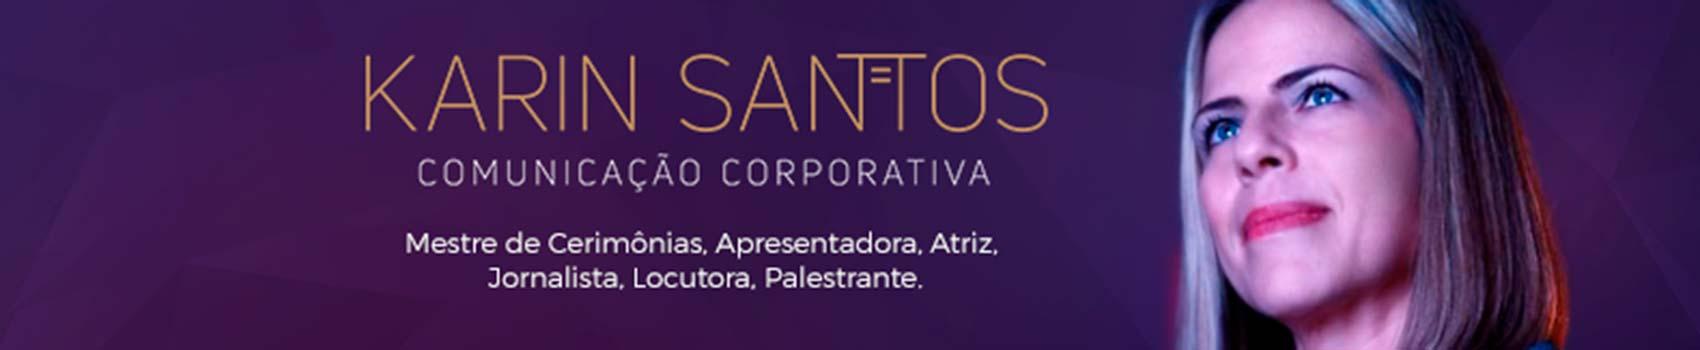 Banner Karin Santos